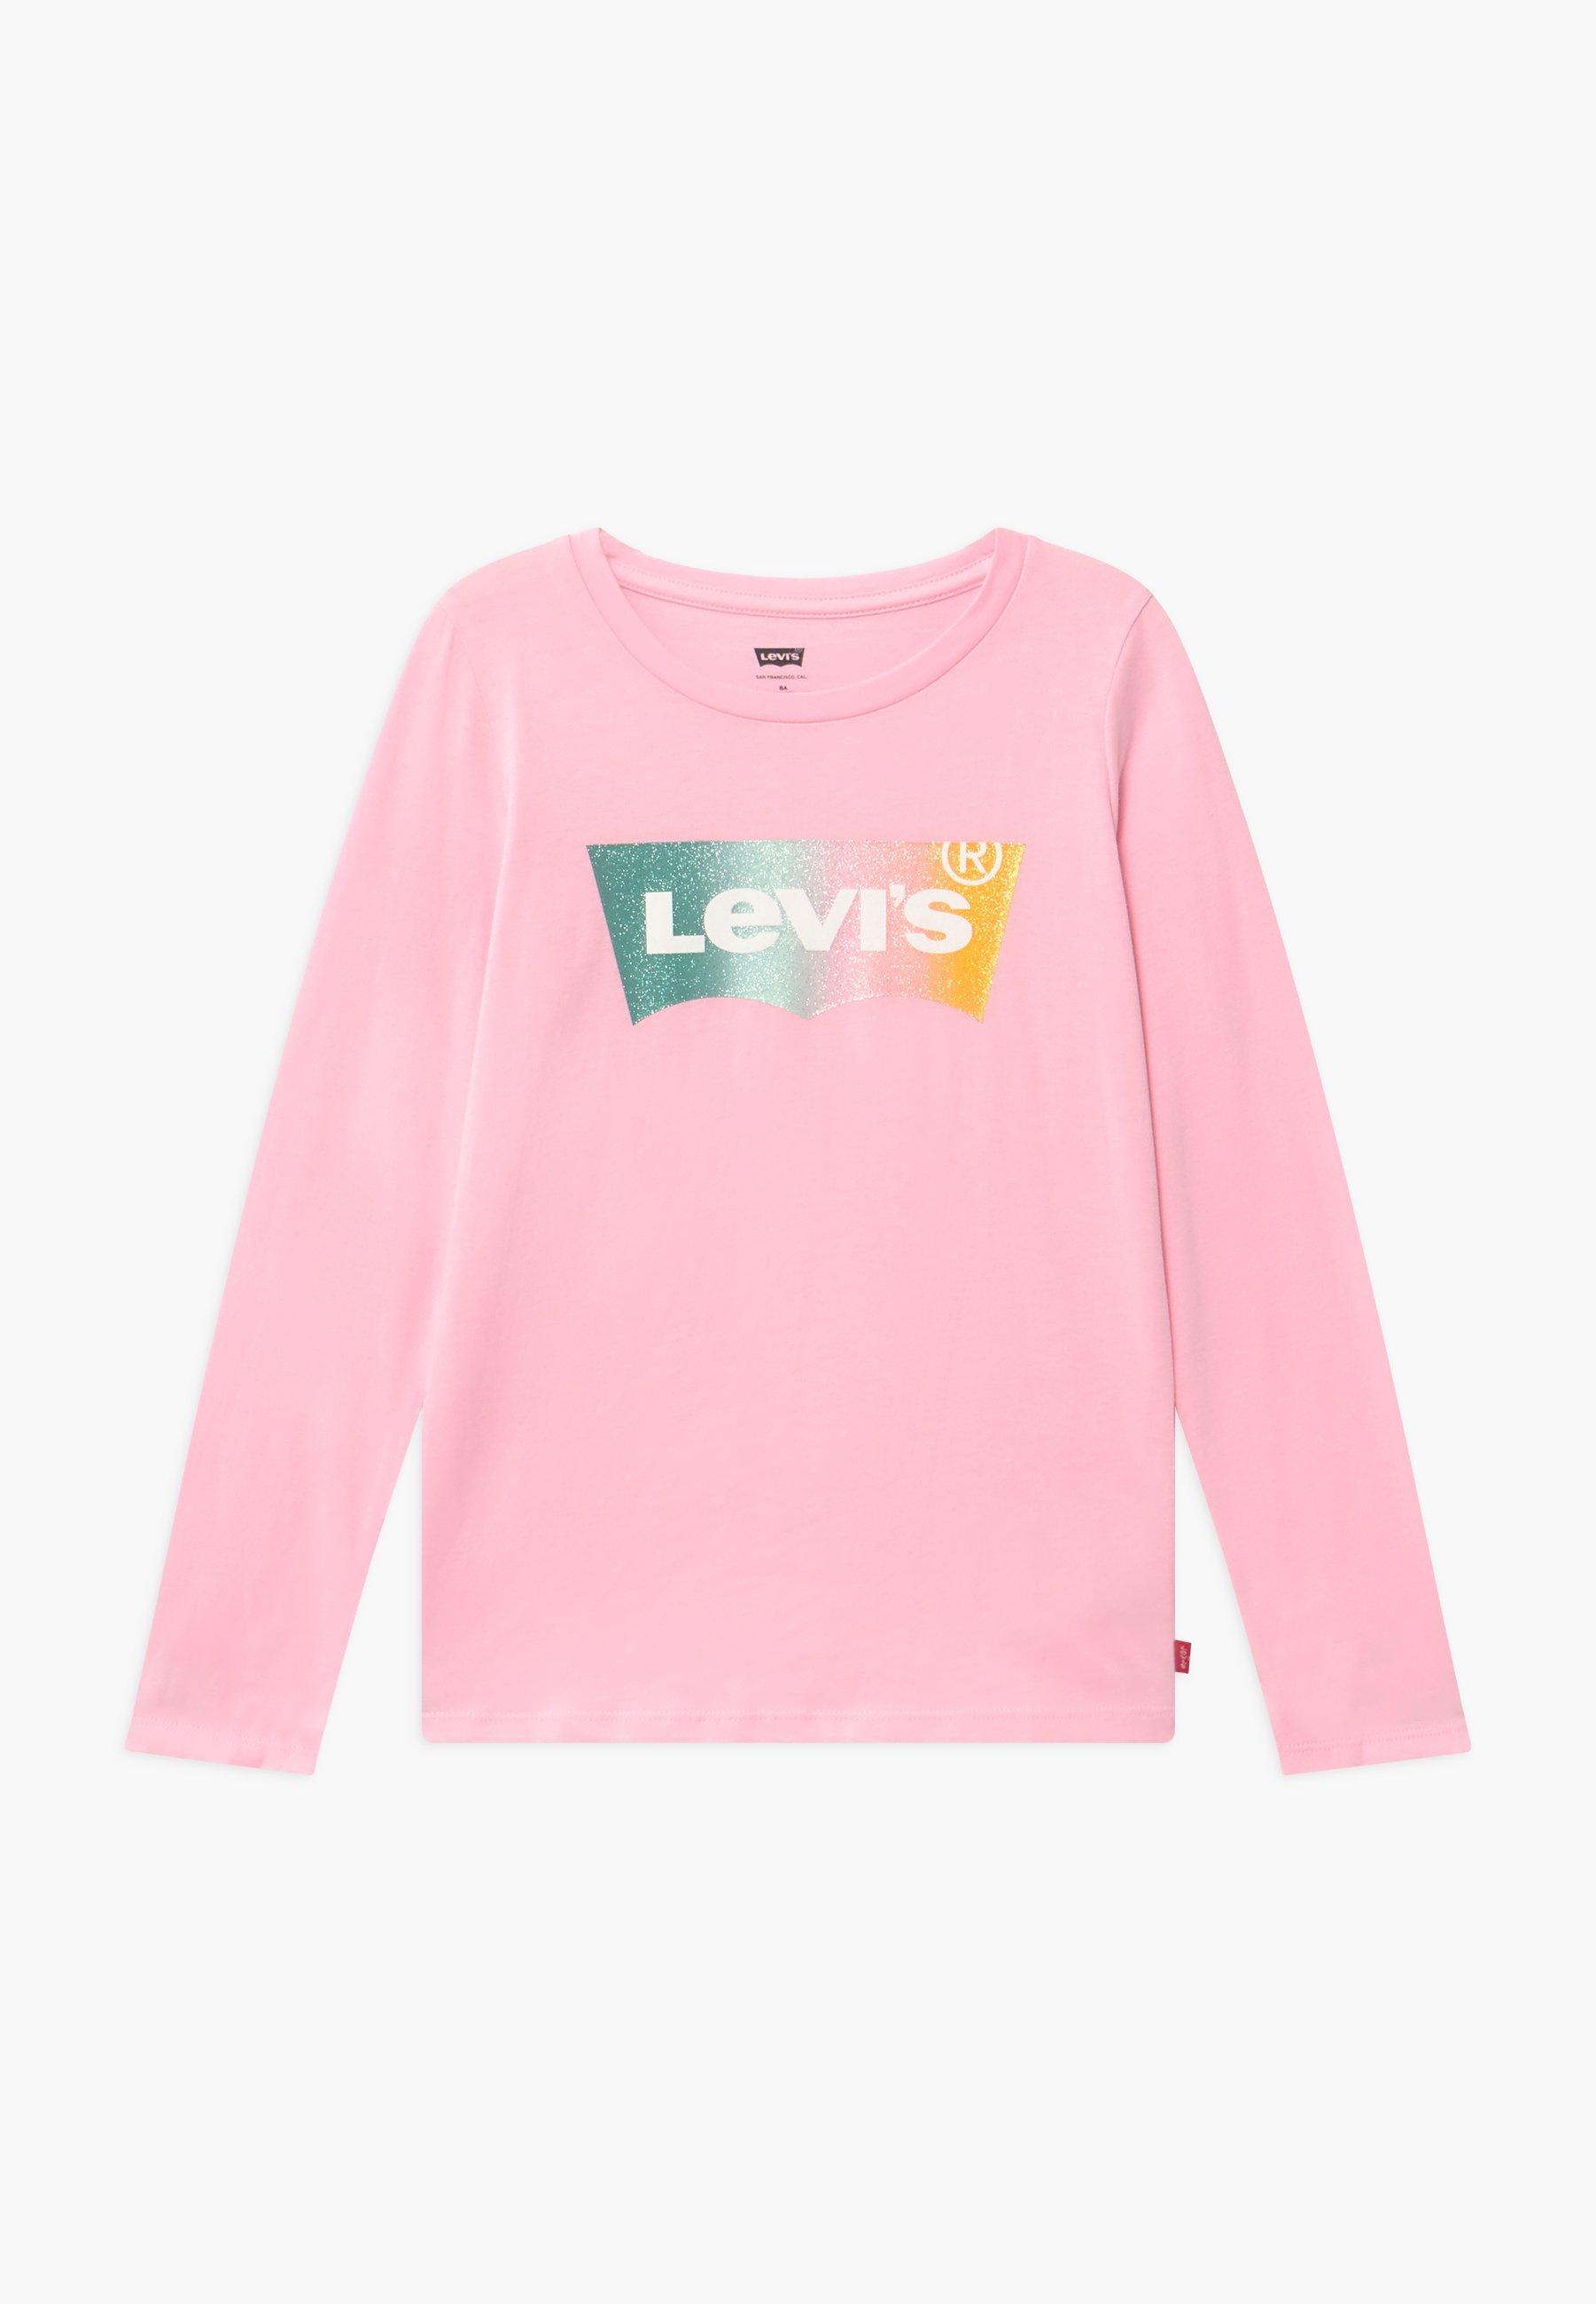 Kids Long sleeved top